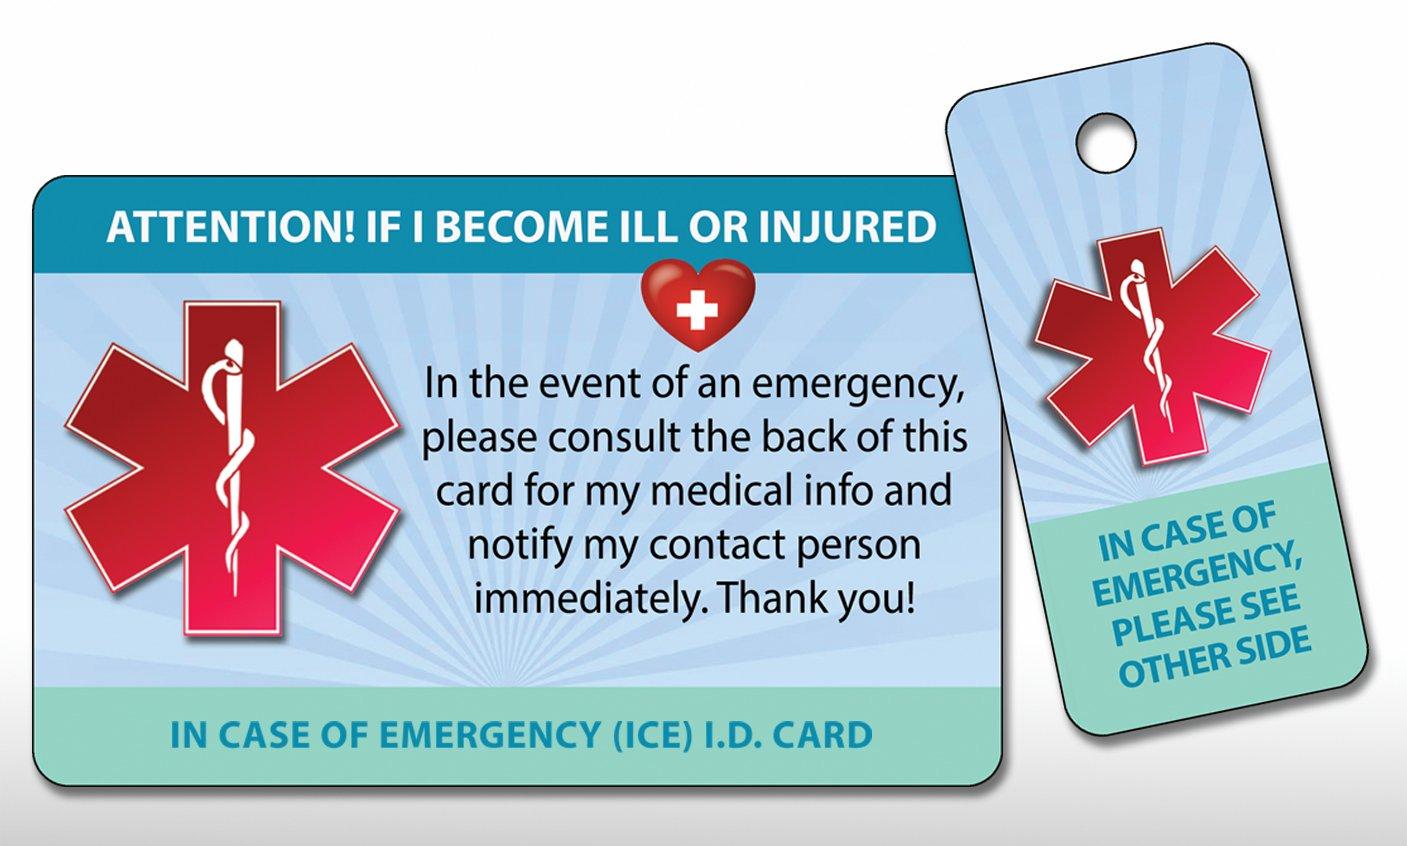 Hielo Alerta Médica en caso de emergencia alergia identificación de la seguridad tarjeta de identificación de plástico cartera y llavero: Amazon.es: Oficina ...